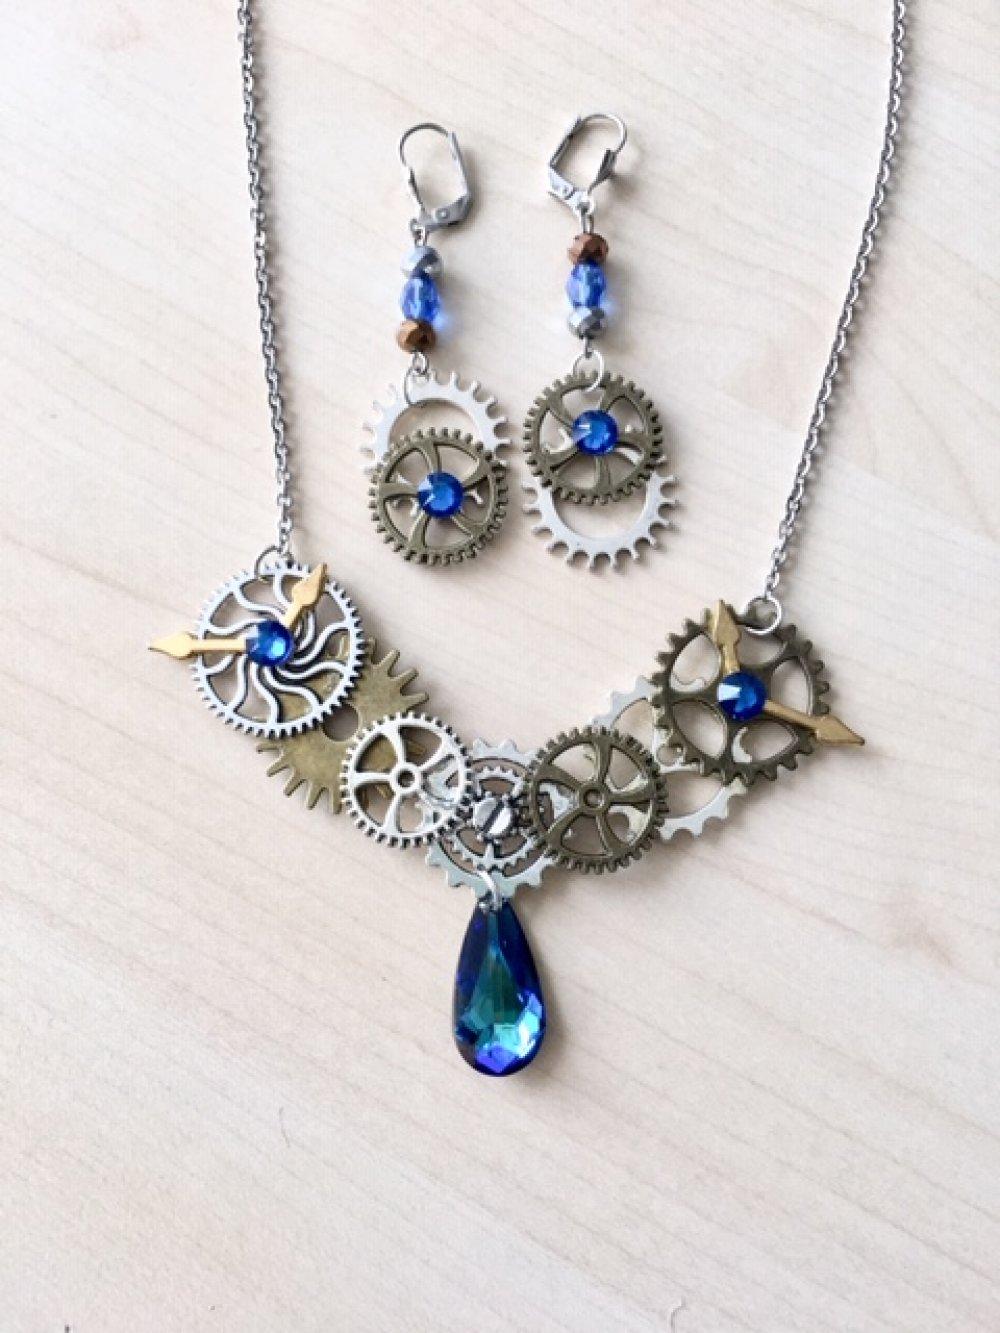 Parure steampunk avec rouages, engrenages et cristal Swarovski bleu